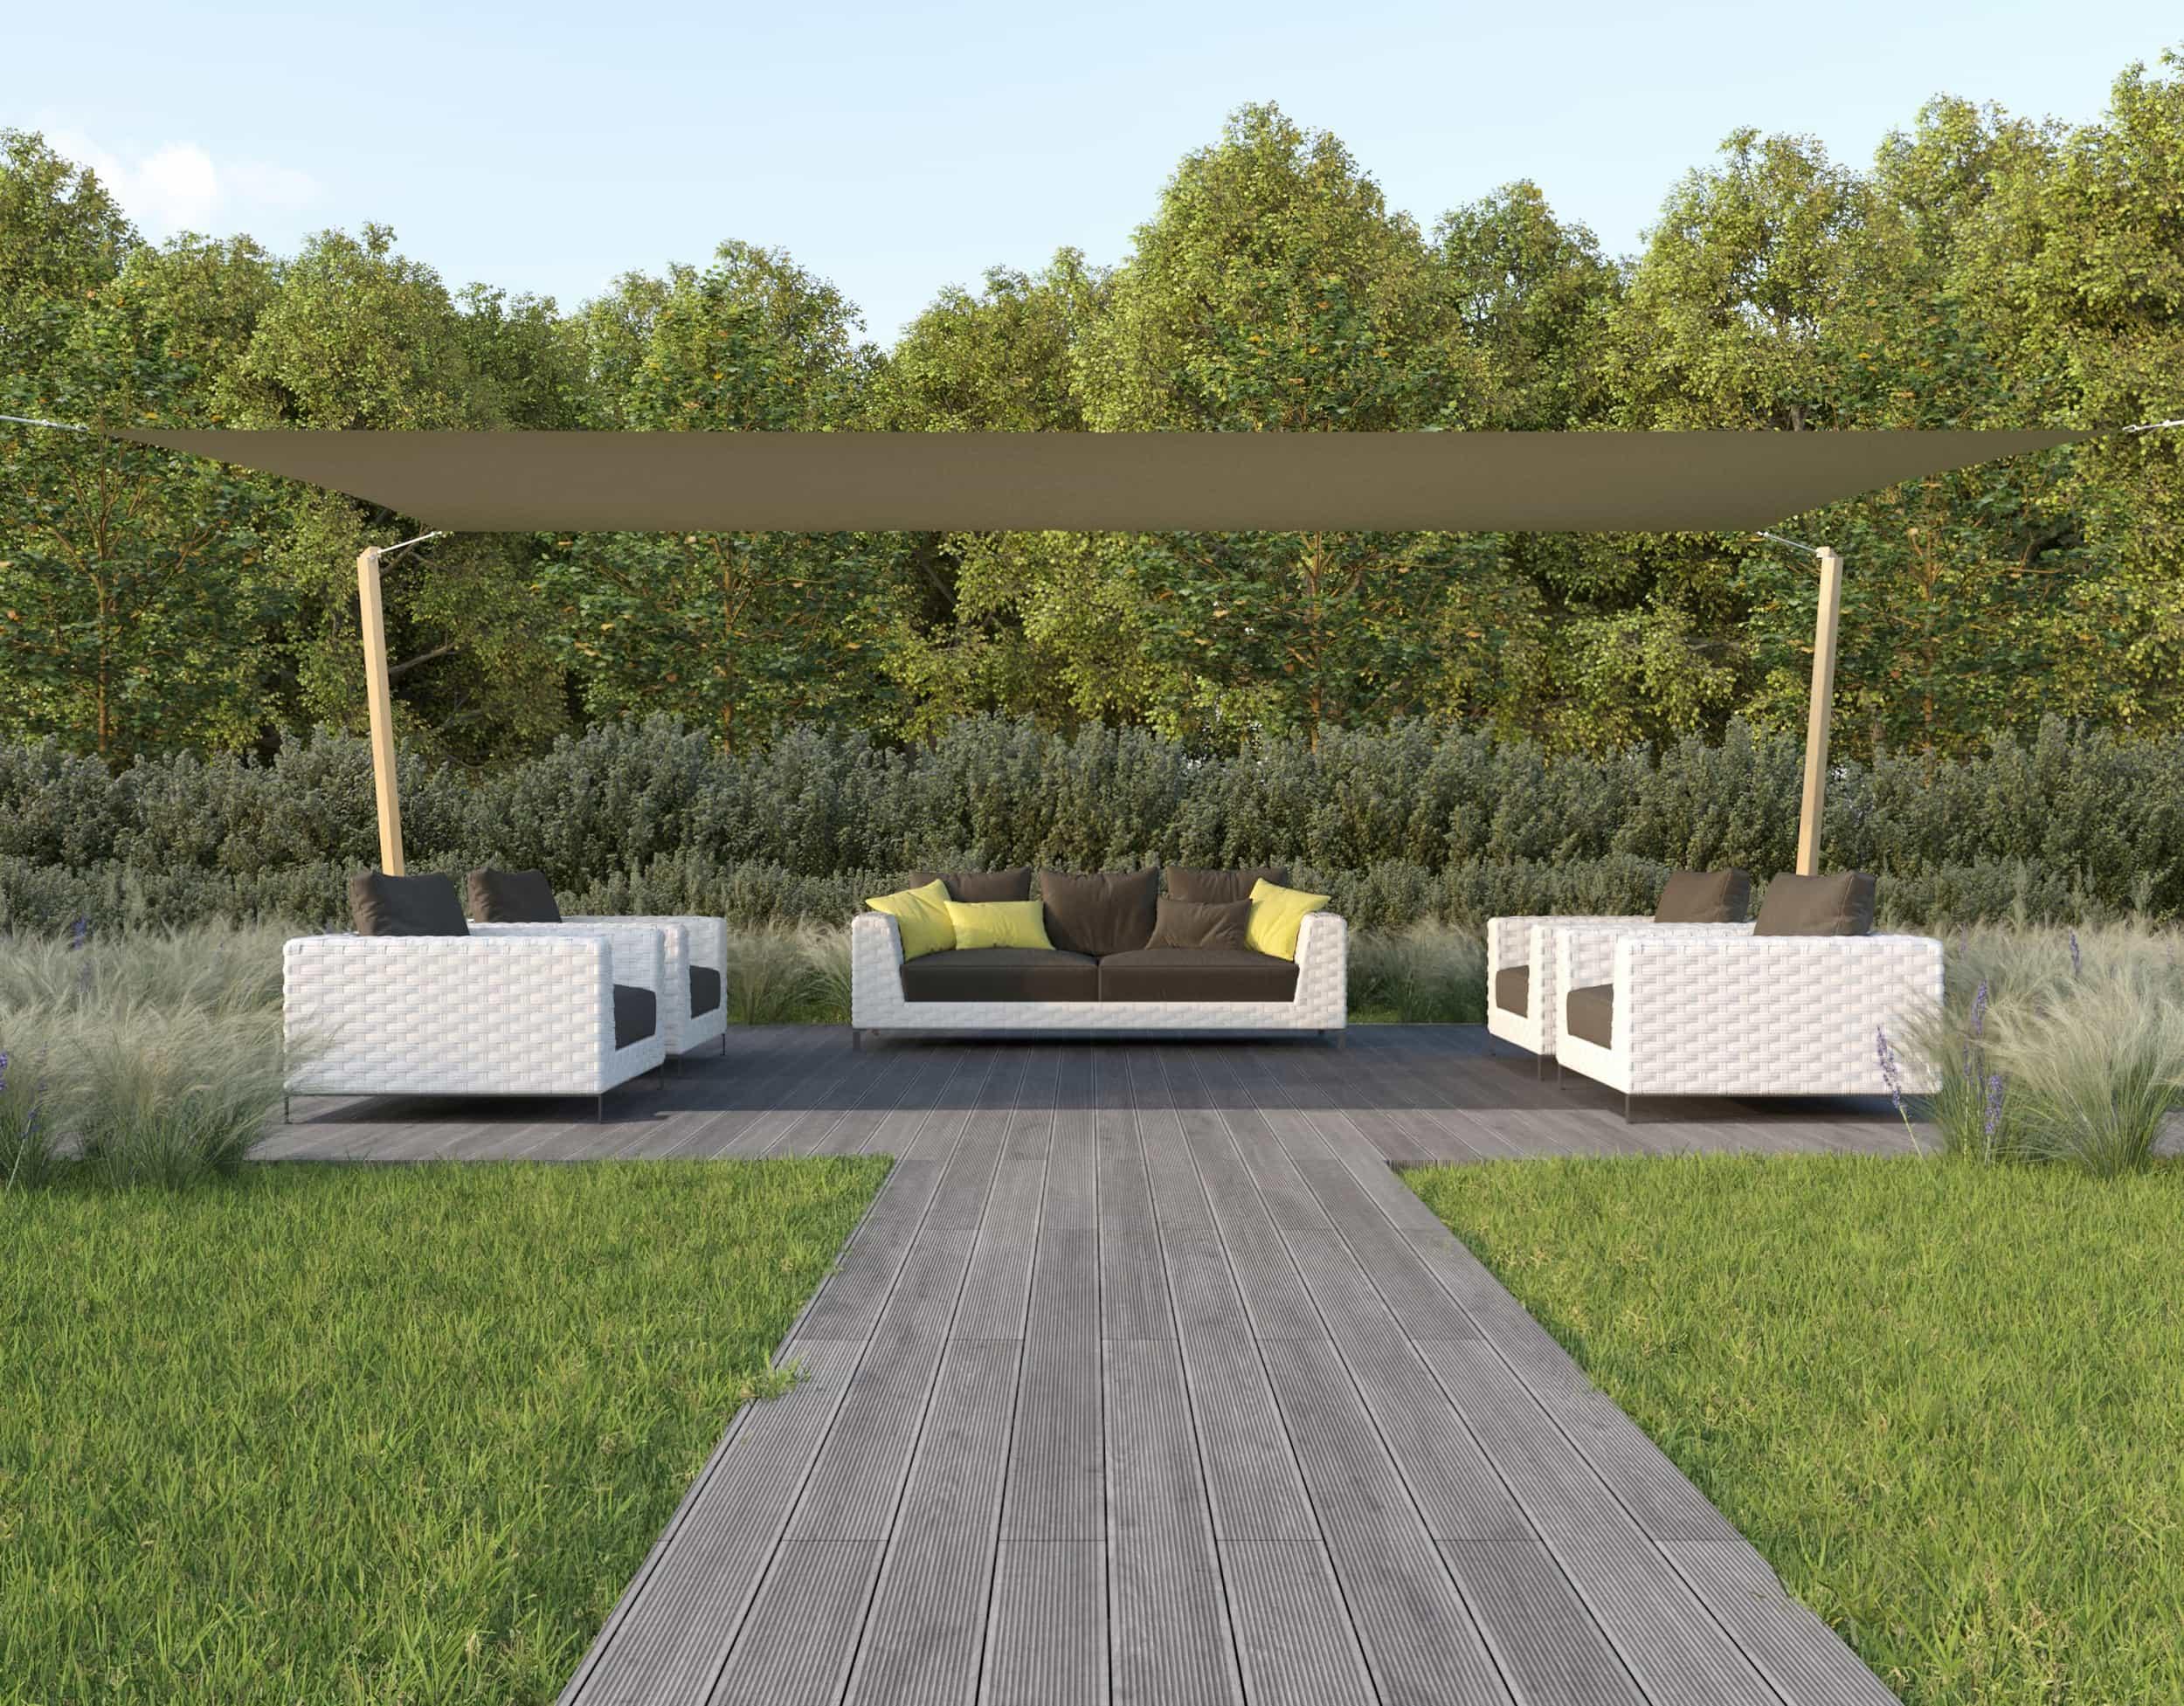 hanSe® Schaduwdoek Rechthoek Waterdoorlatend 5x6 m - zonnedoek - Zand